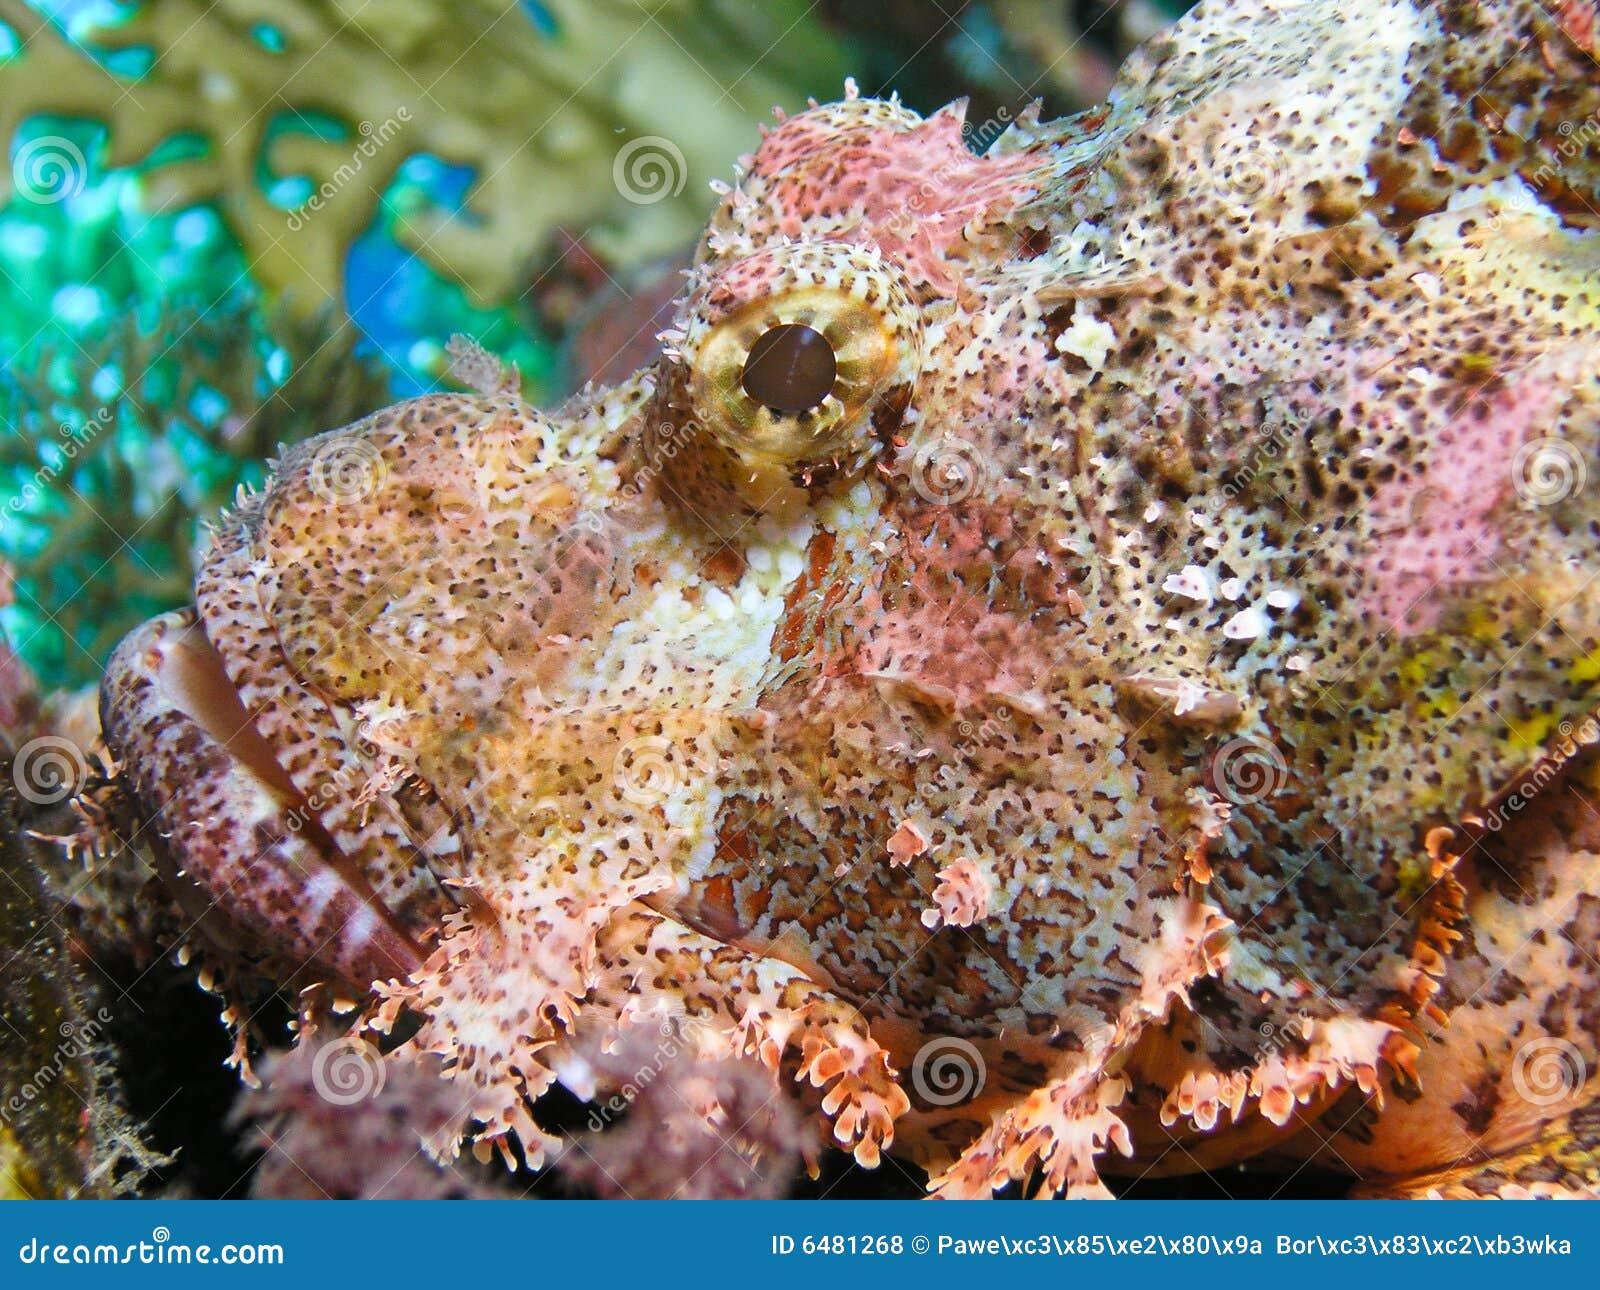 Kopf der Skorpion-Fische stockfoto. Bild von bunt, tief